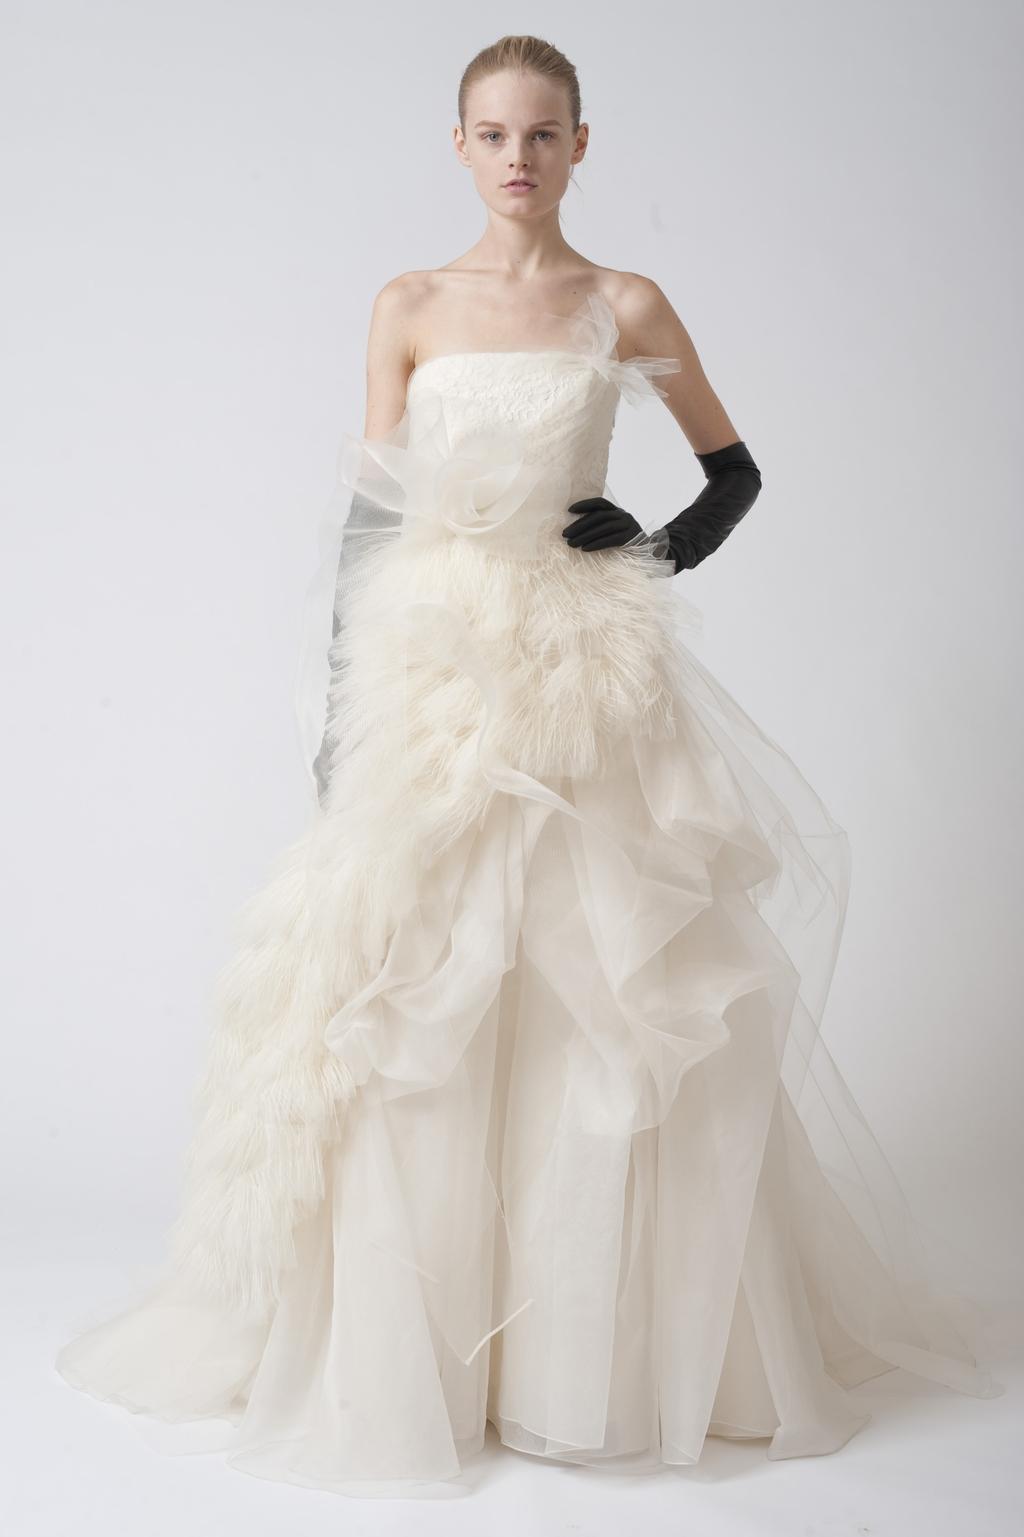 Vera-wang-wedding-dresses-fall-2010-16.full